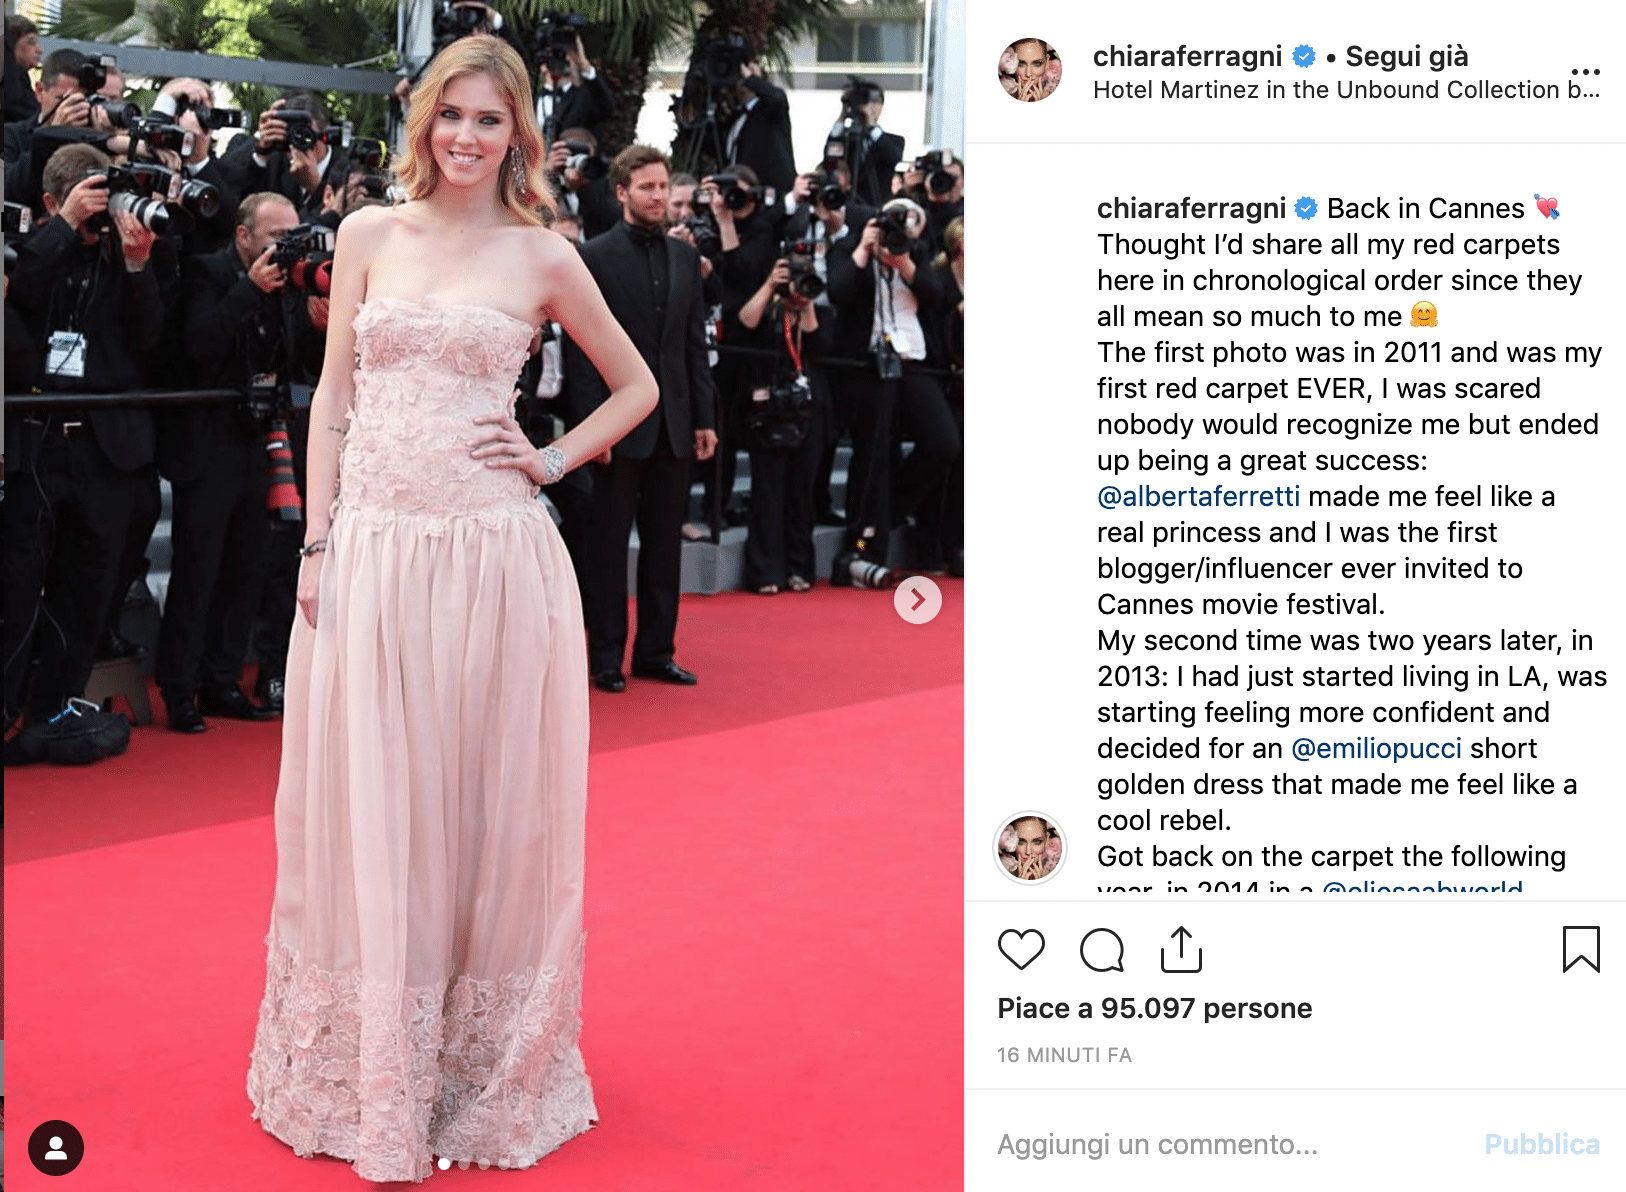 Chiara Ferragni Cannes